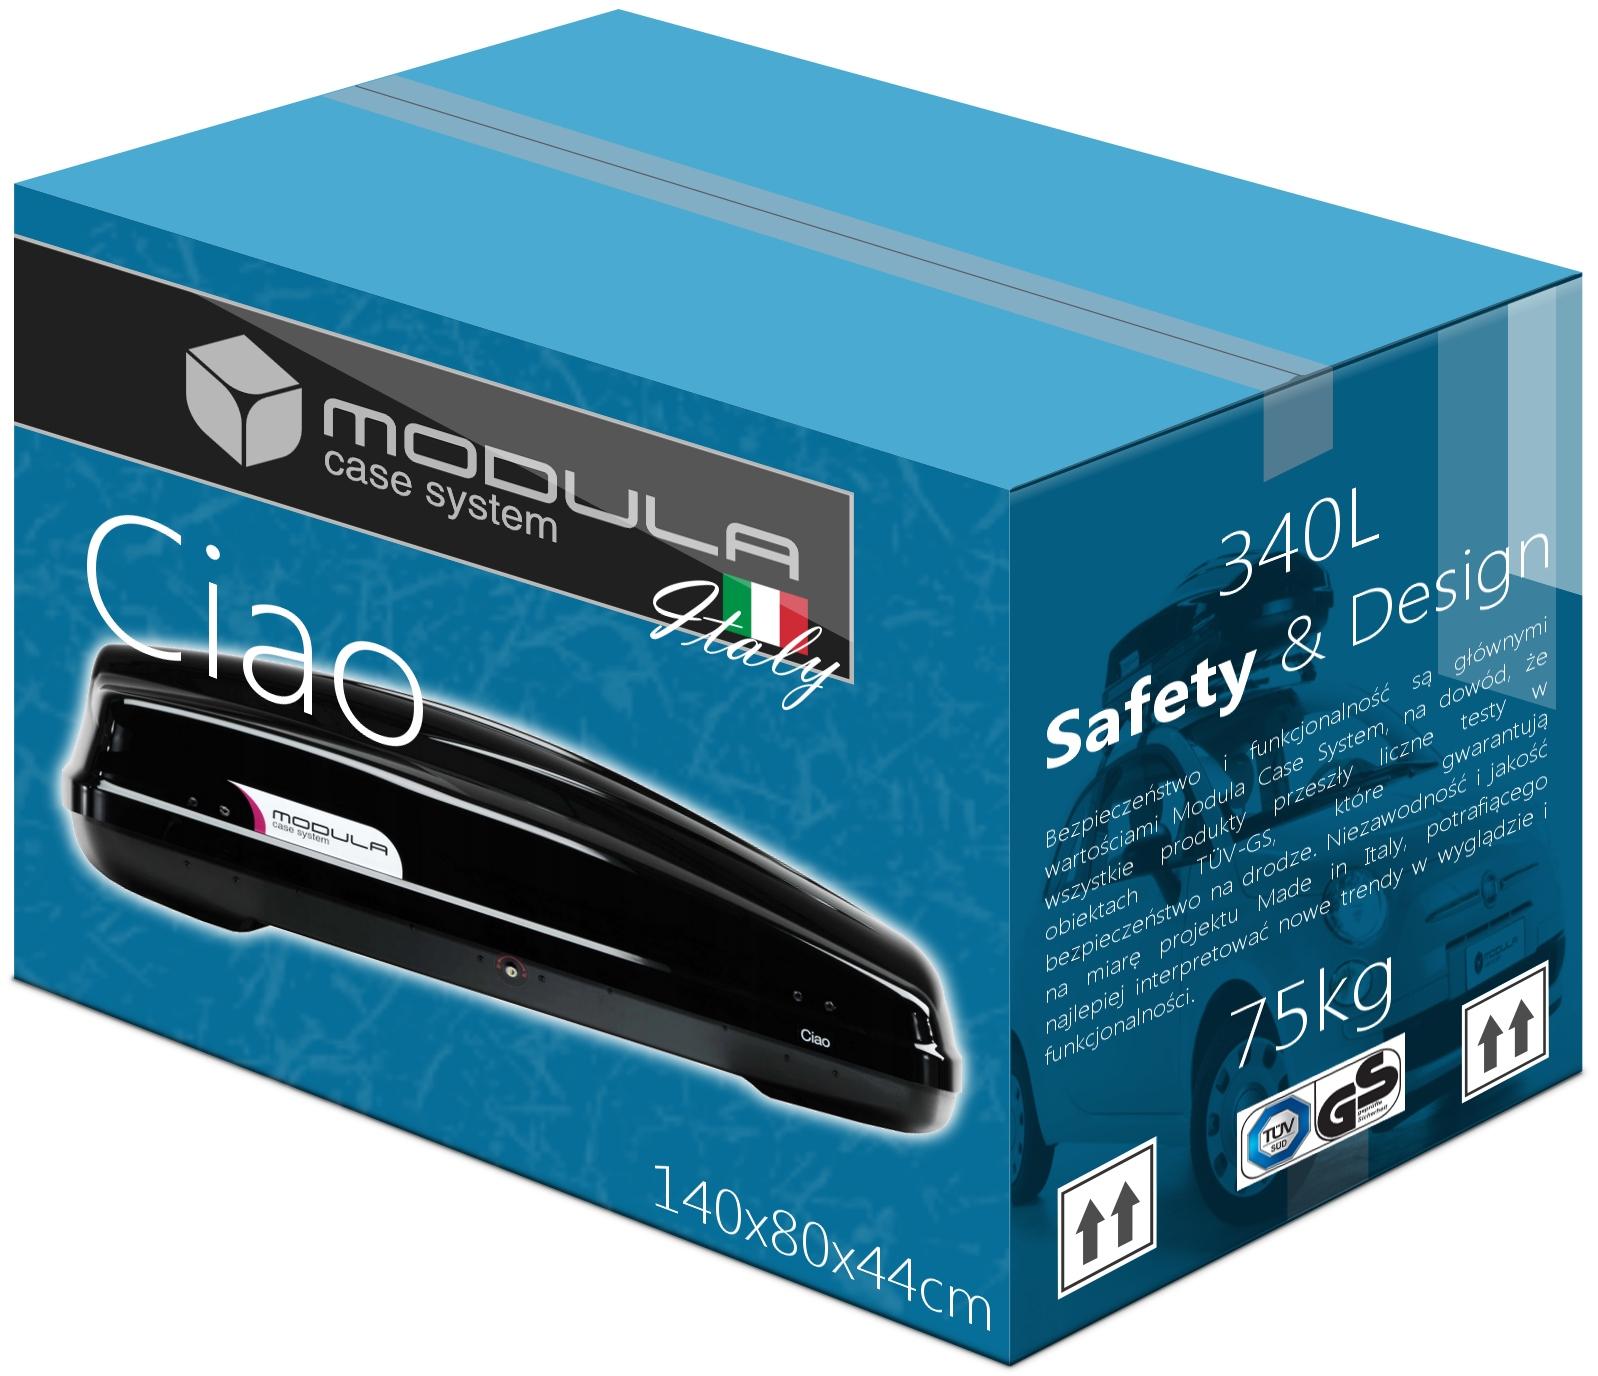 BOX багажник на крышу MODULA Ciao 340L 140x80x44 см